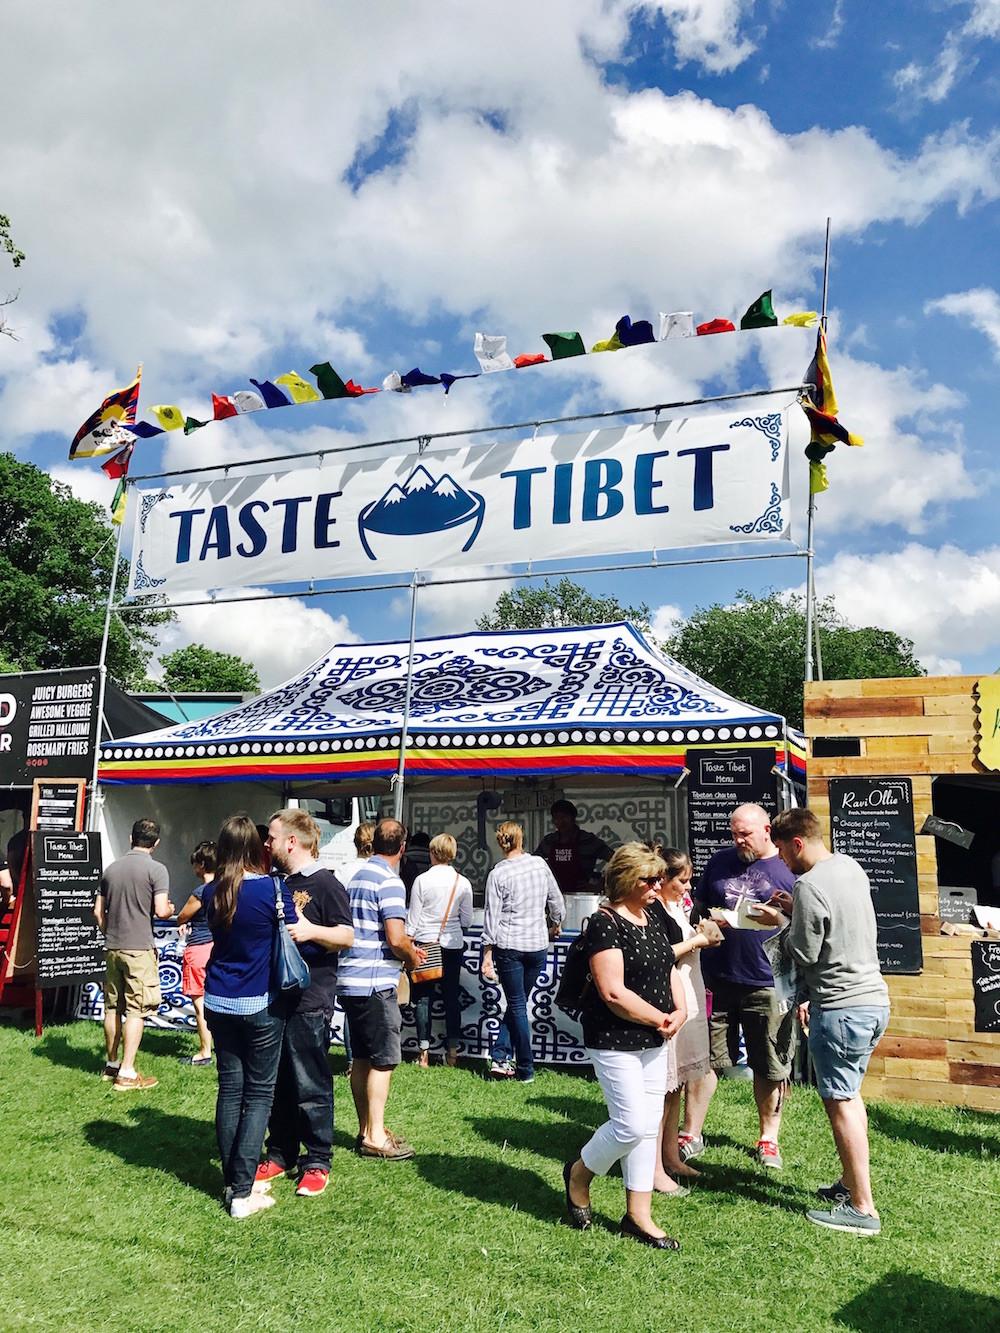 Taste Tibet Festival Tent